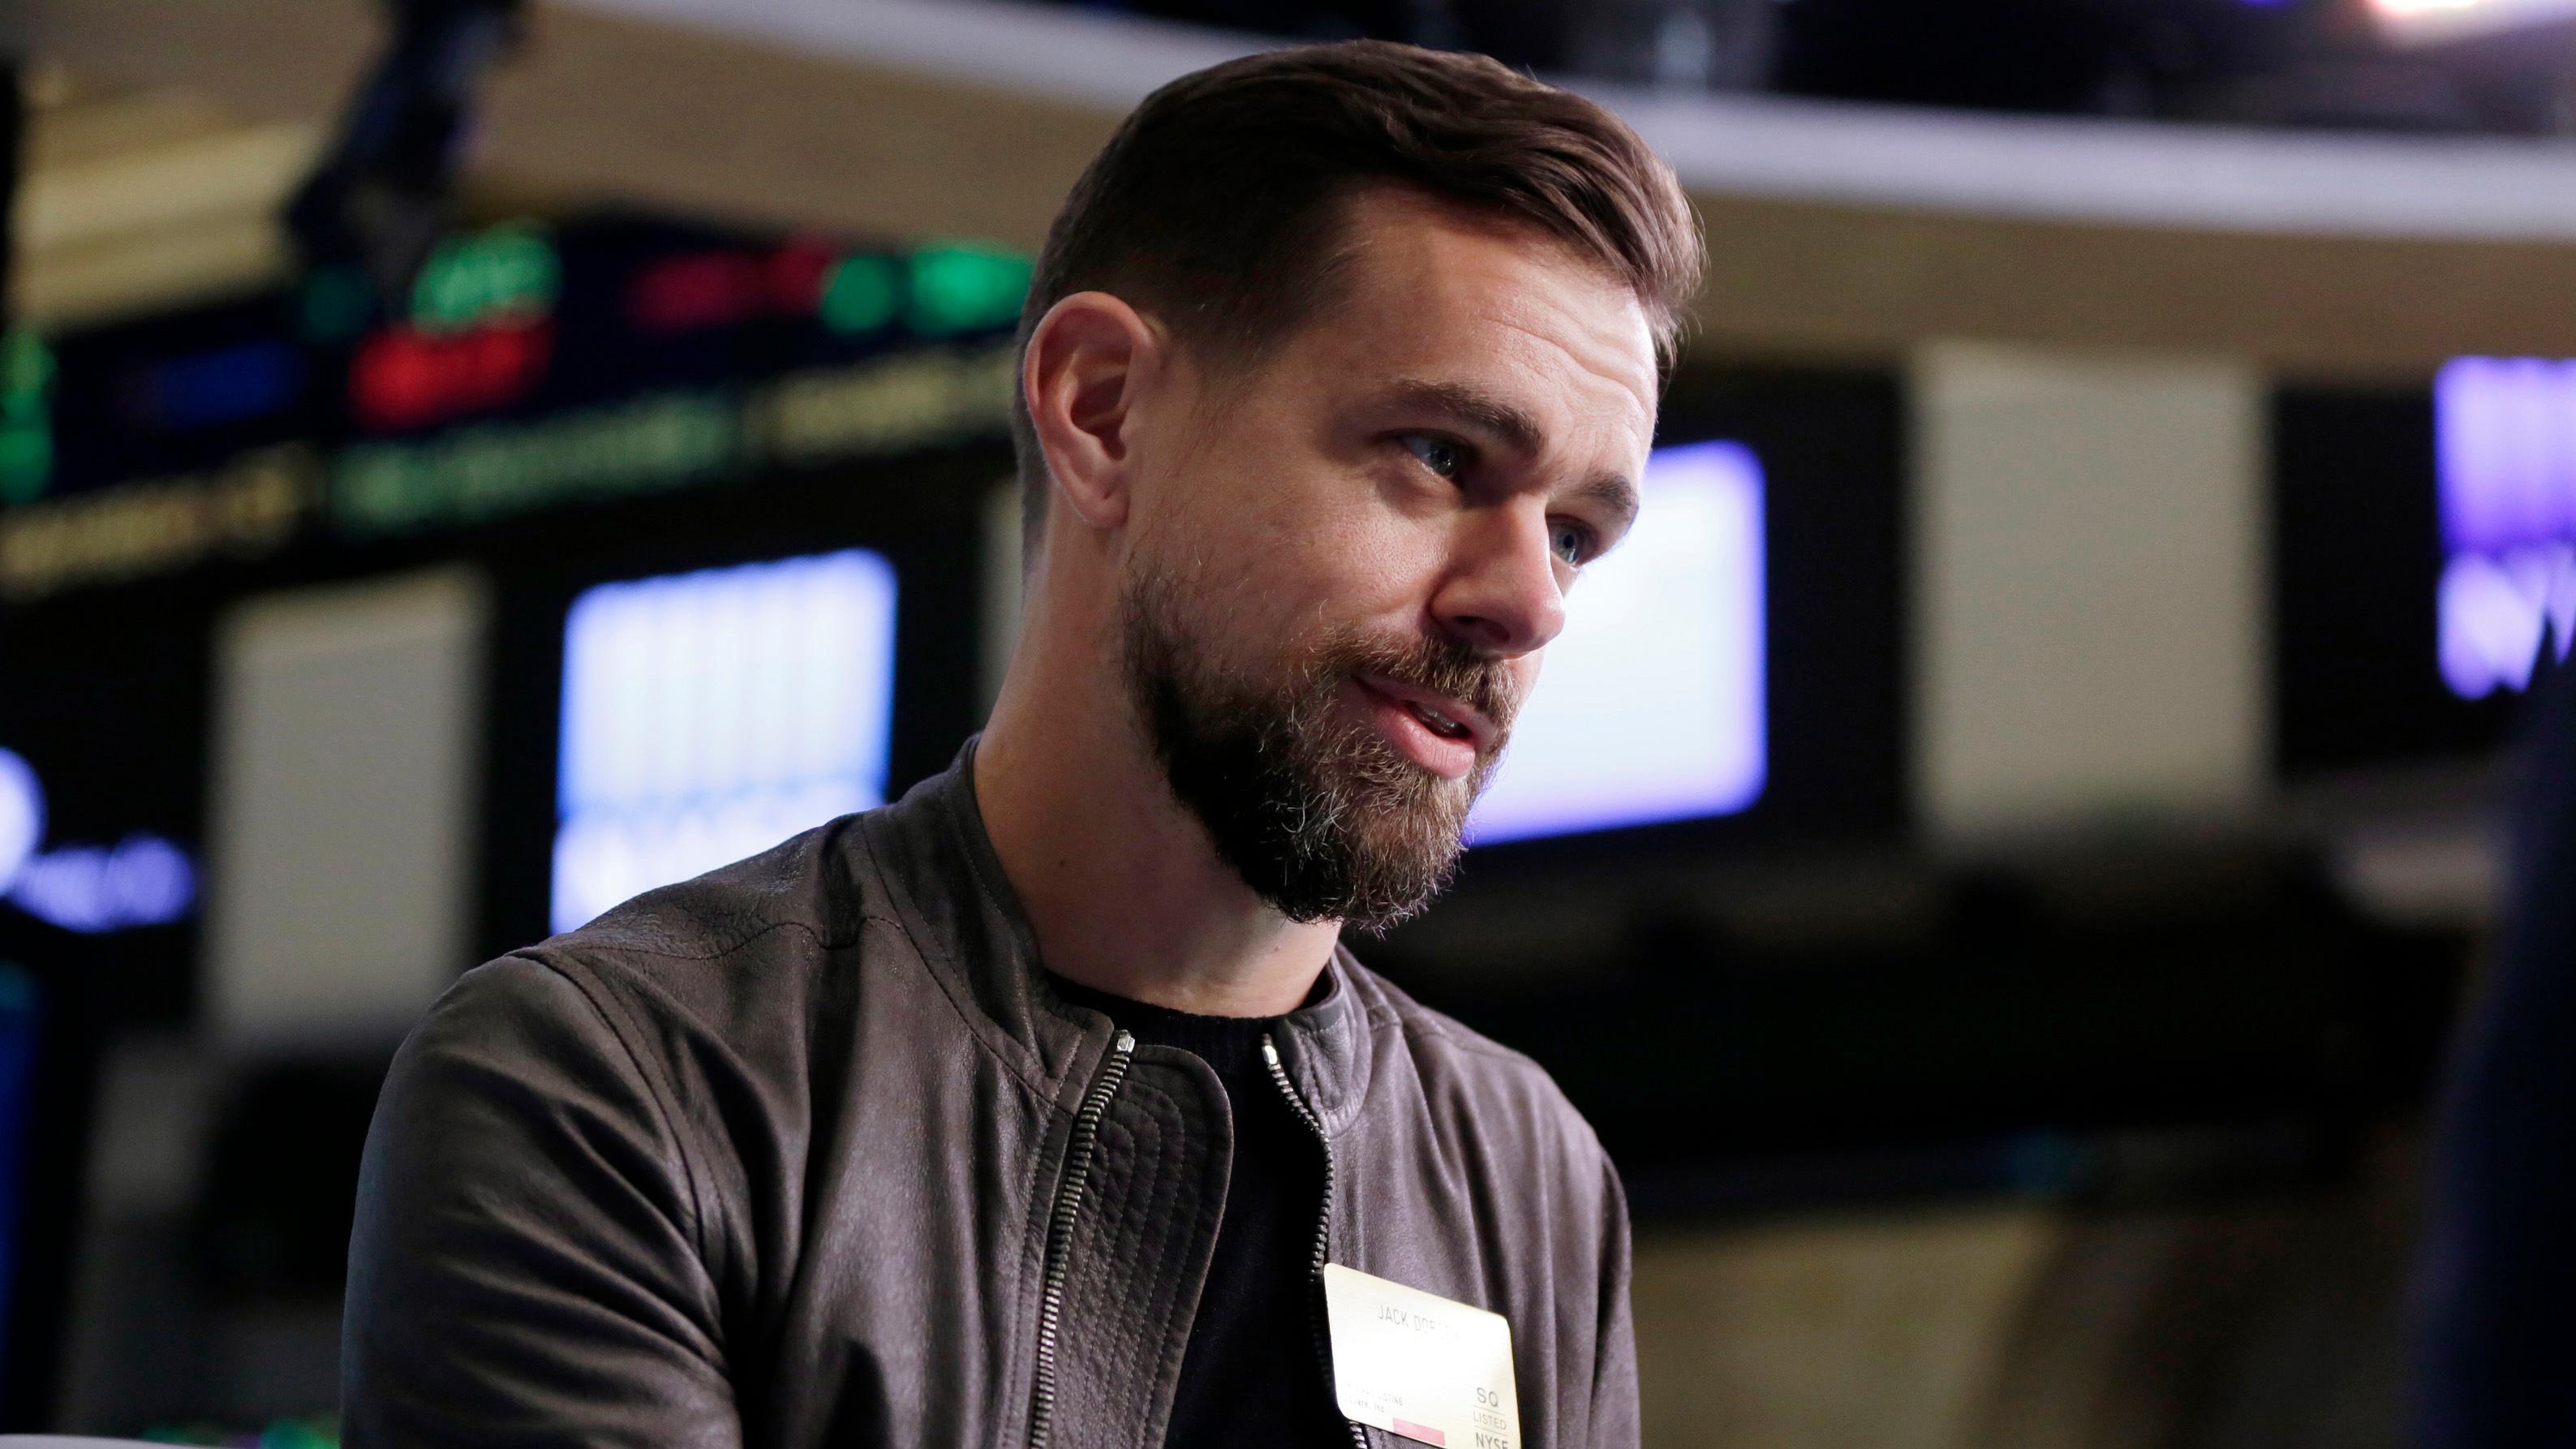 Twitter CEO Dorsey Speaks Up Regarding Alex Jones Suspension